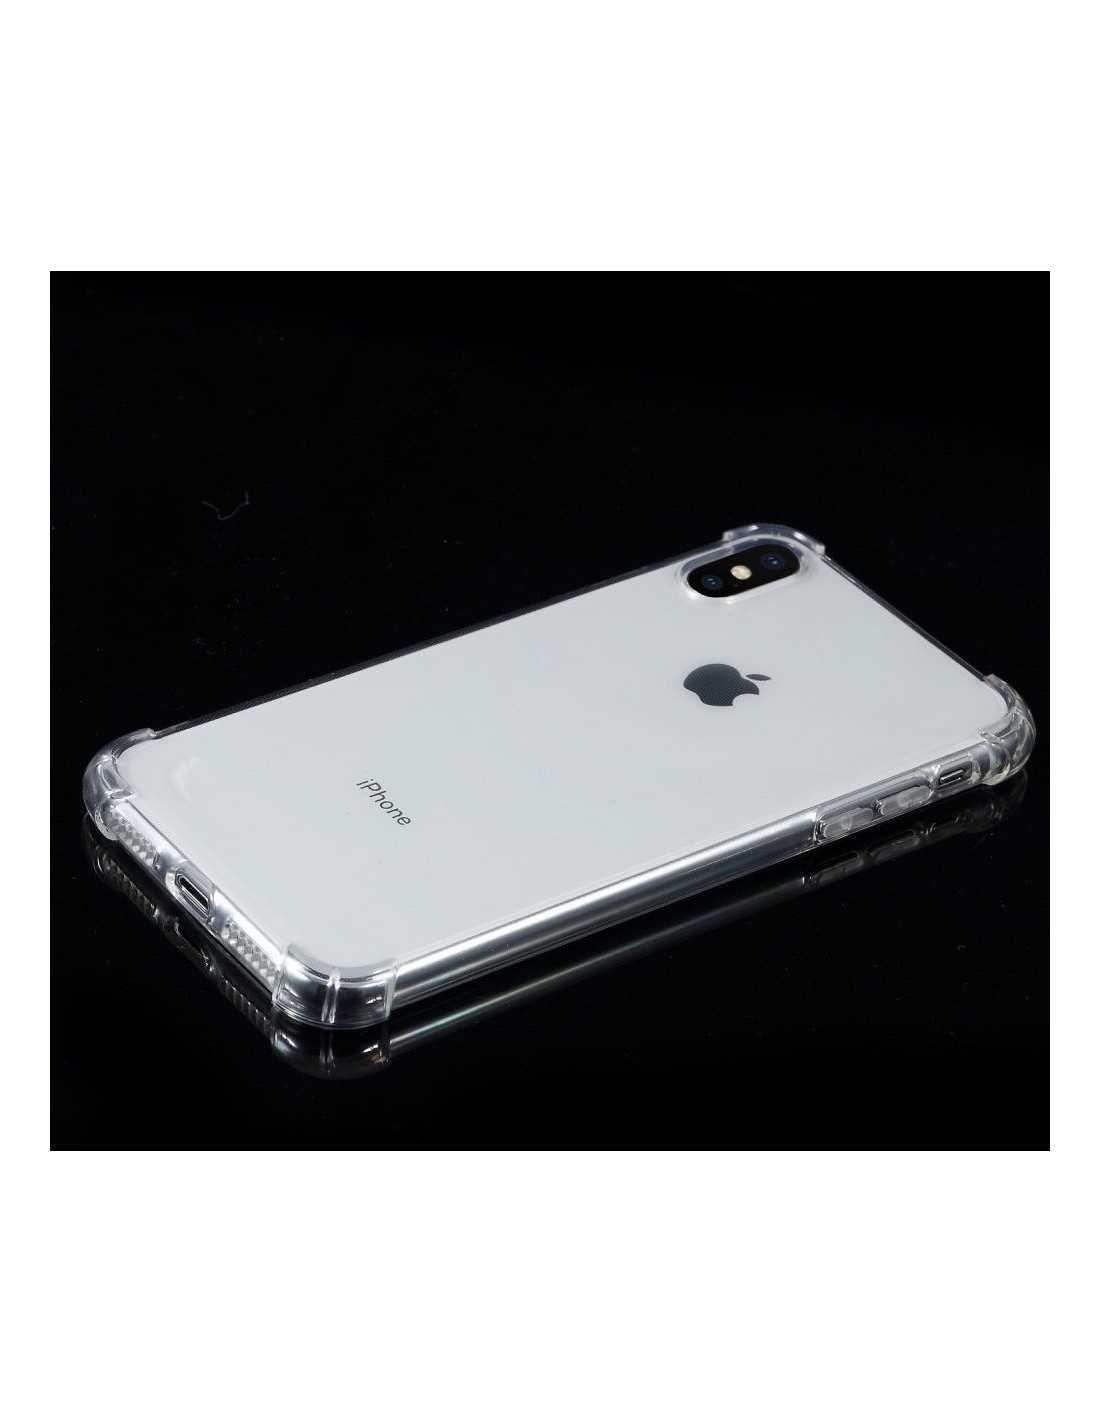 coque silicone transparente iphone xs max aux 4 coins renforces